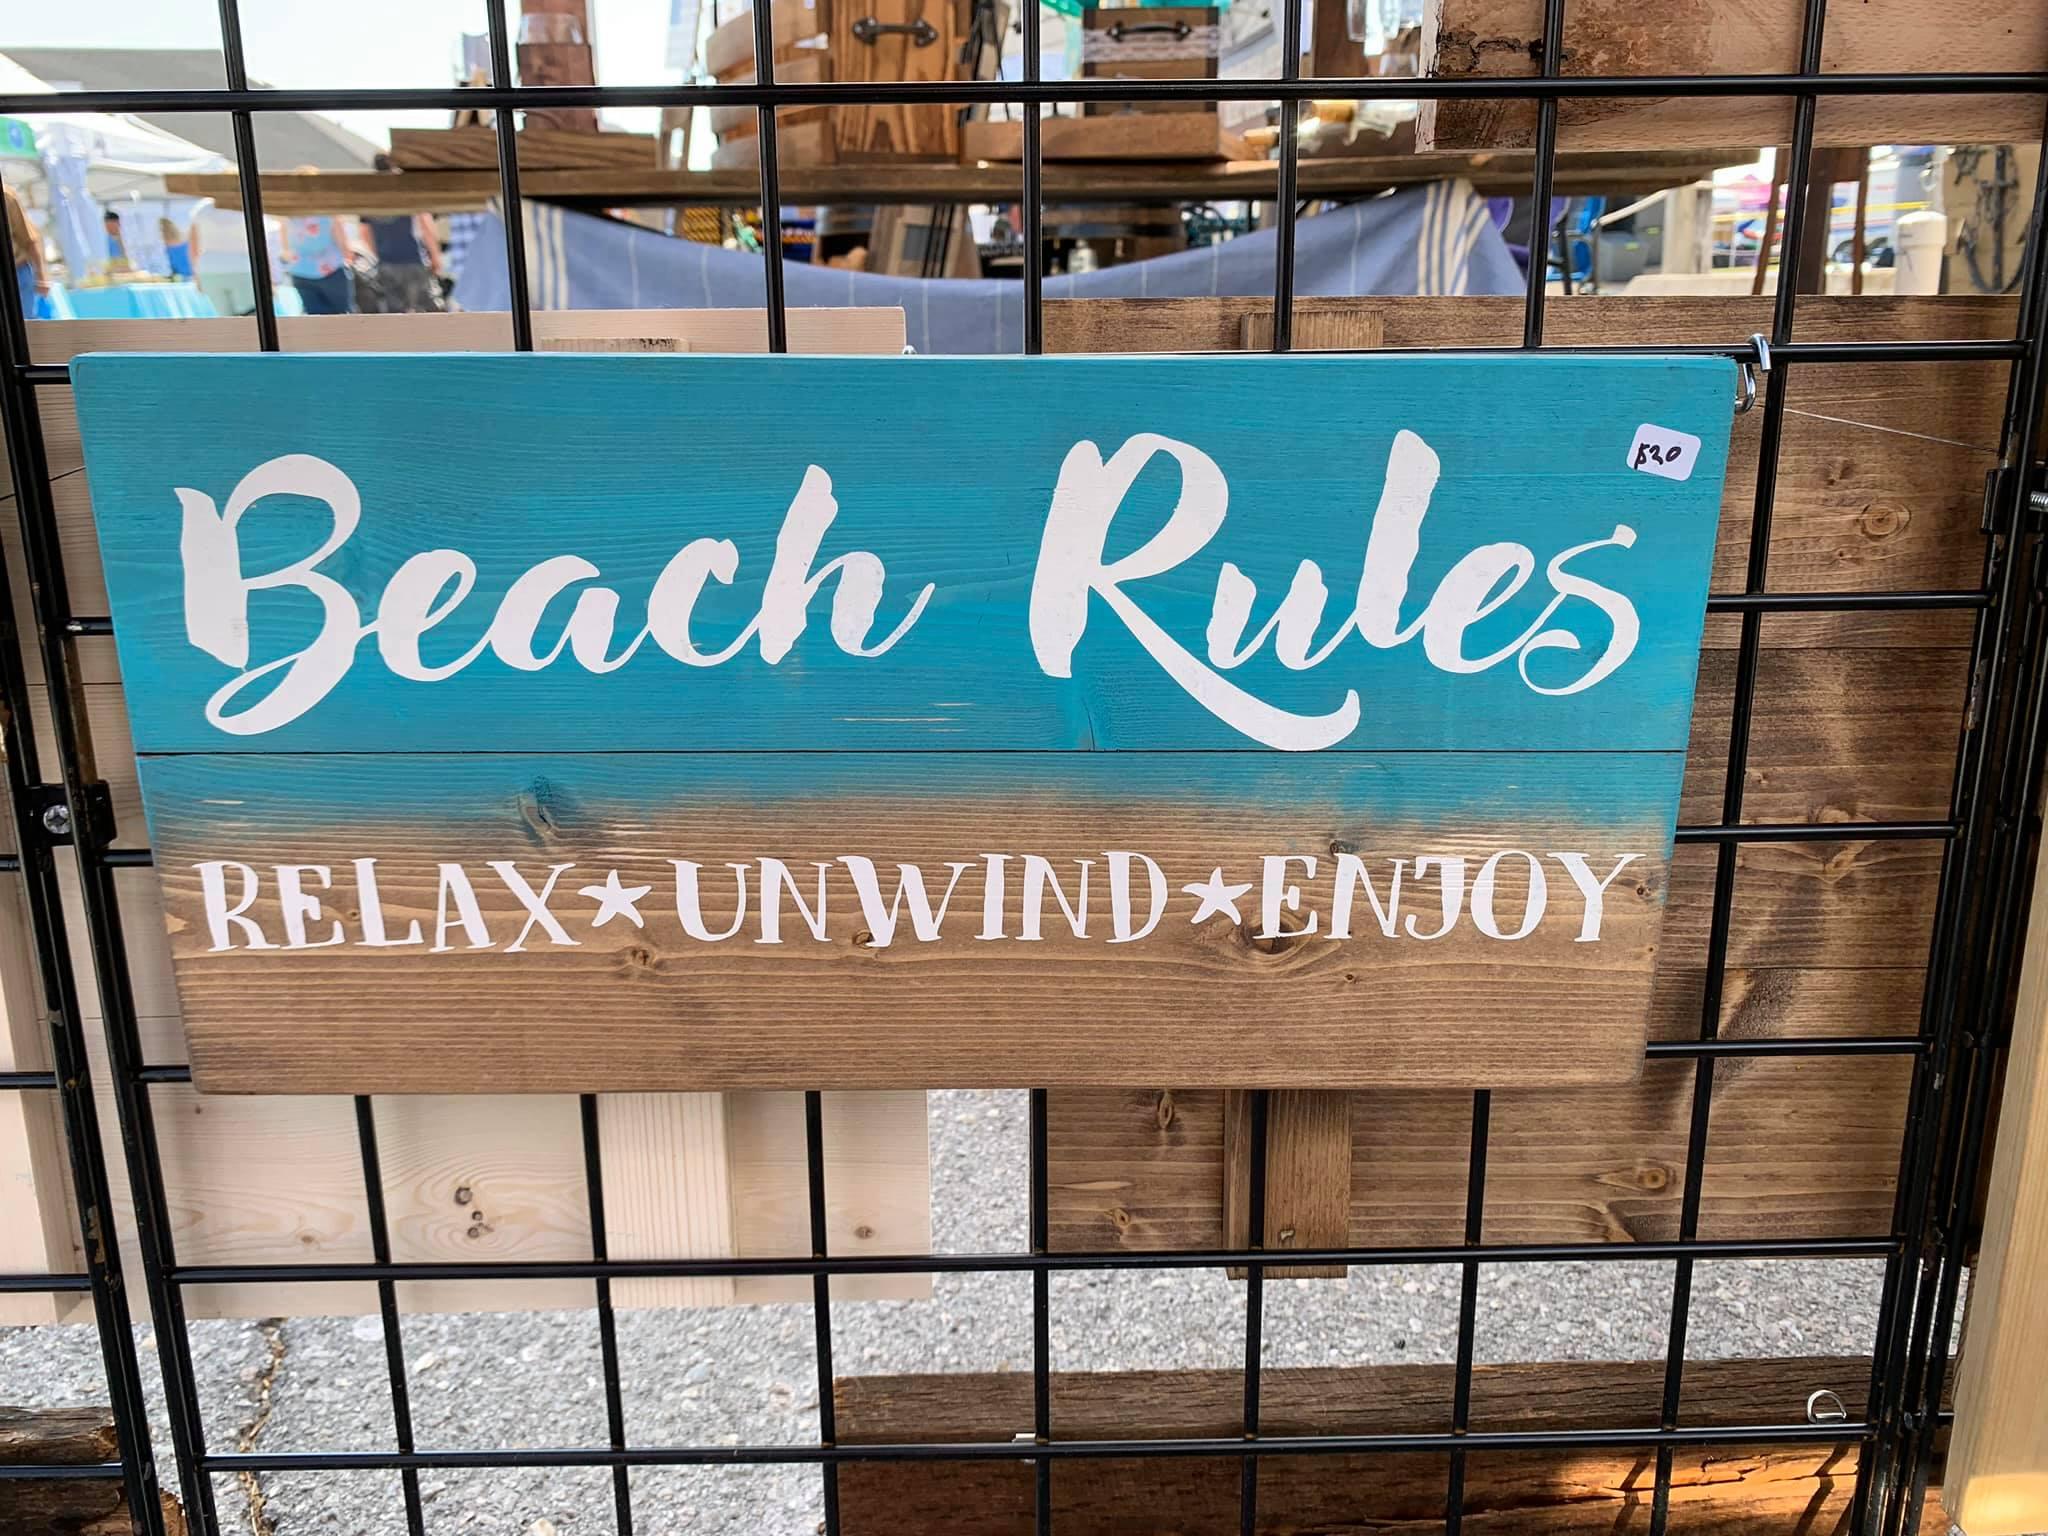 Beach Rules.jpg